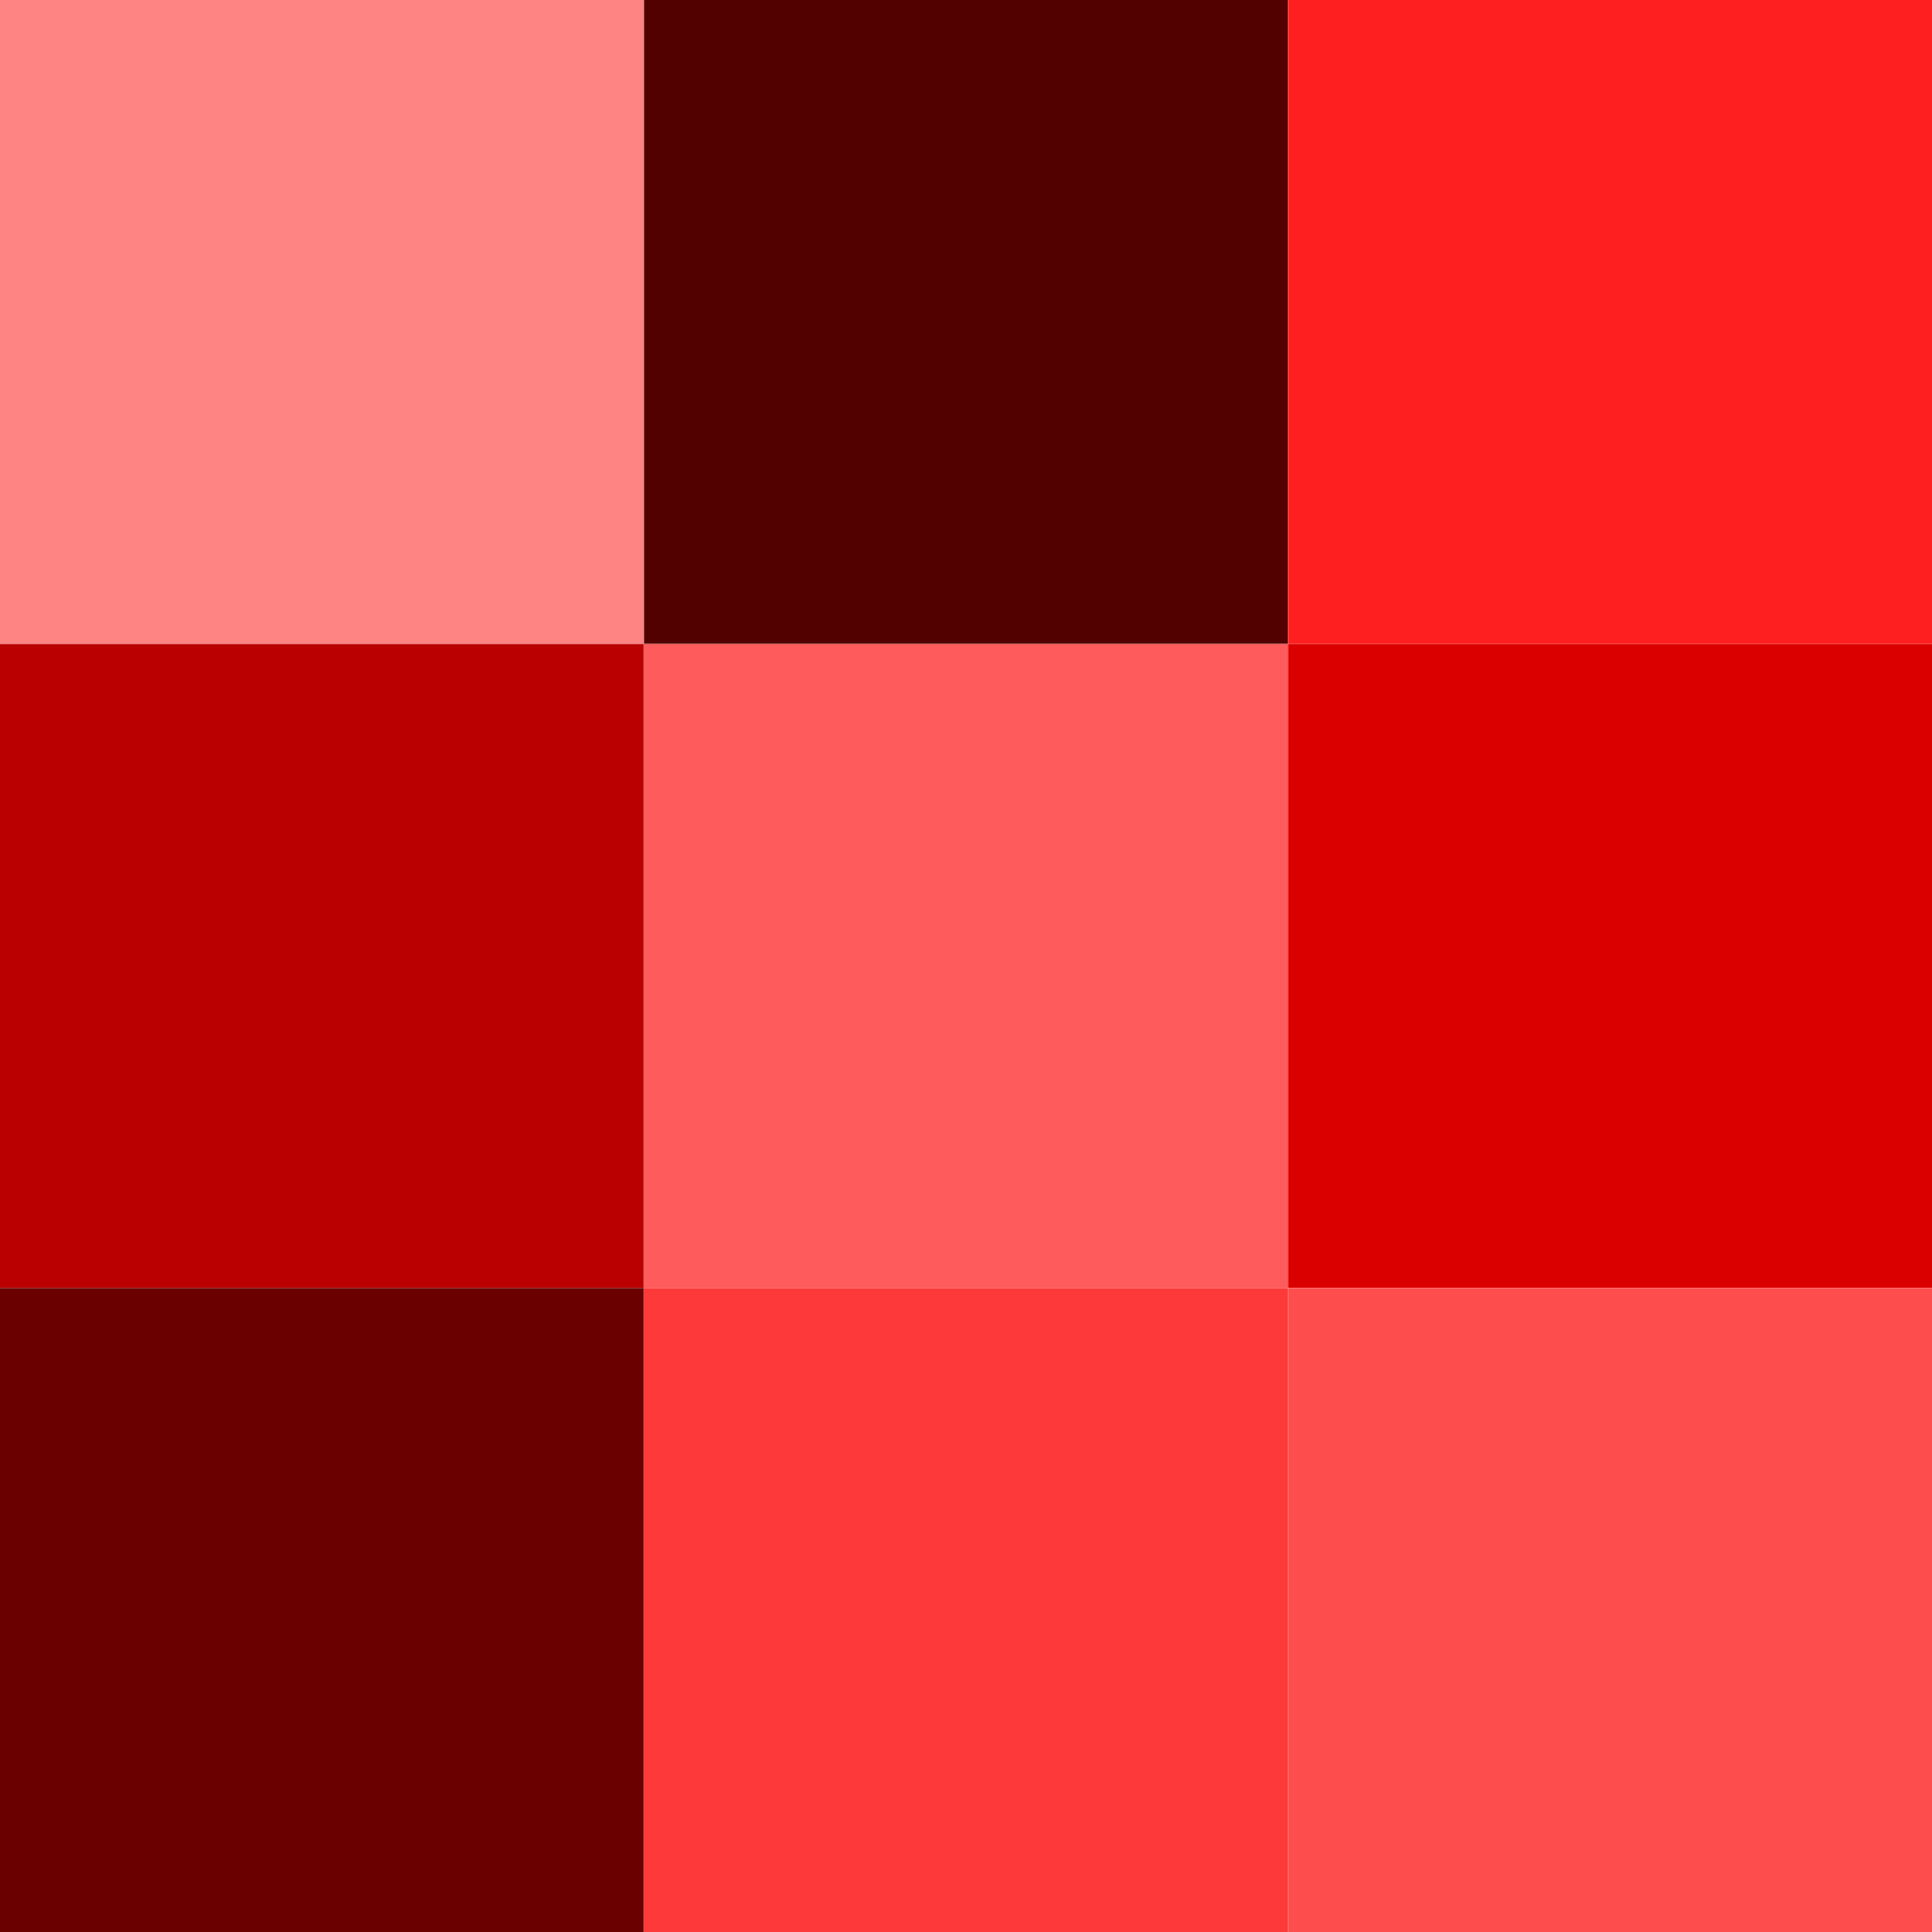 Color icon design pinterest color red for Obtenir du marron en peinture